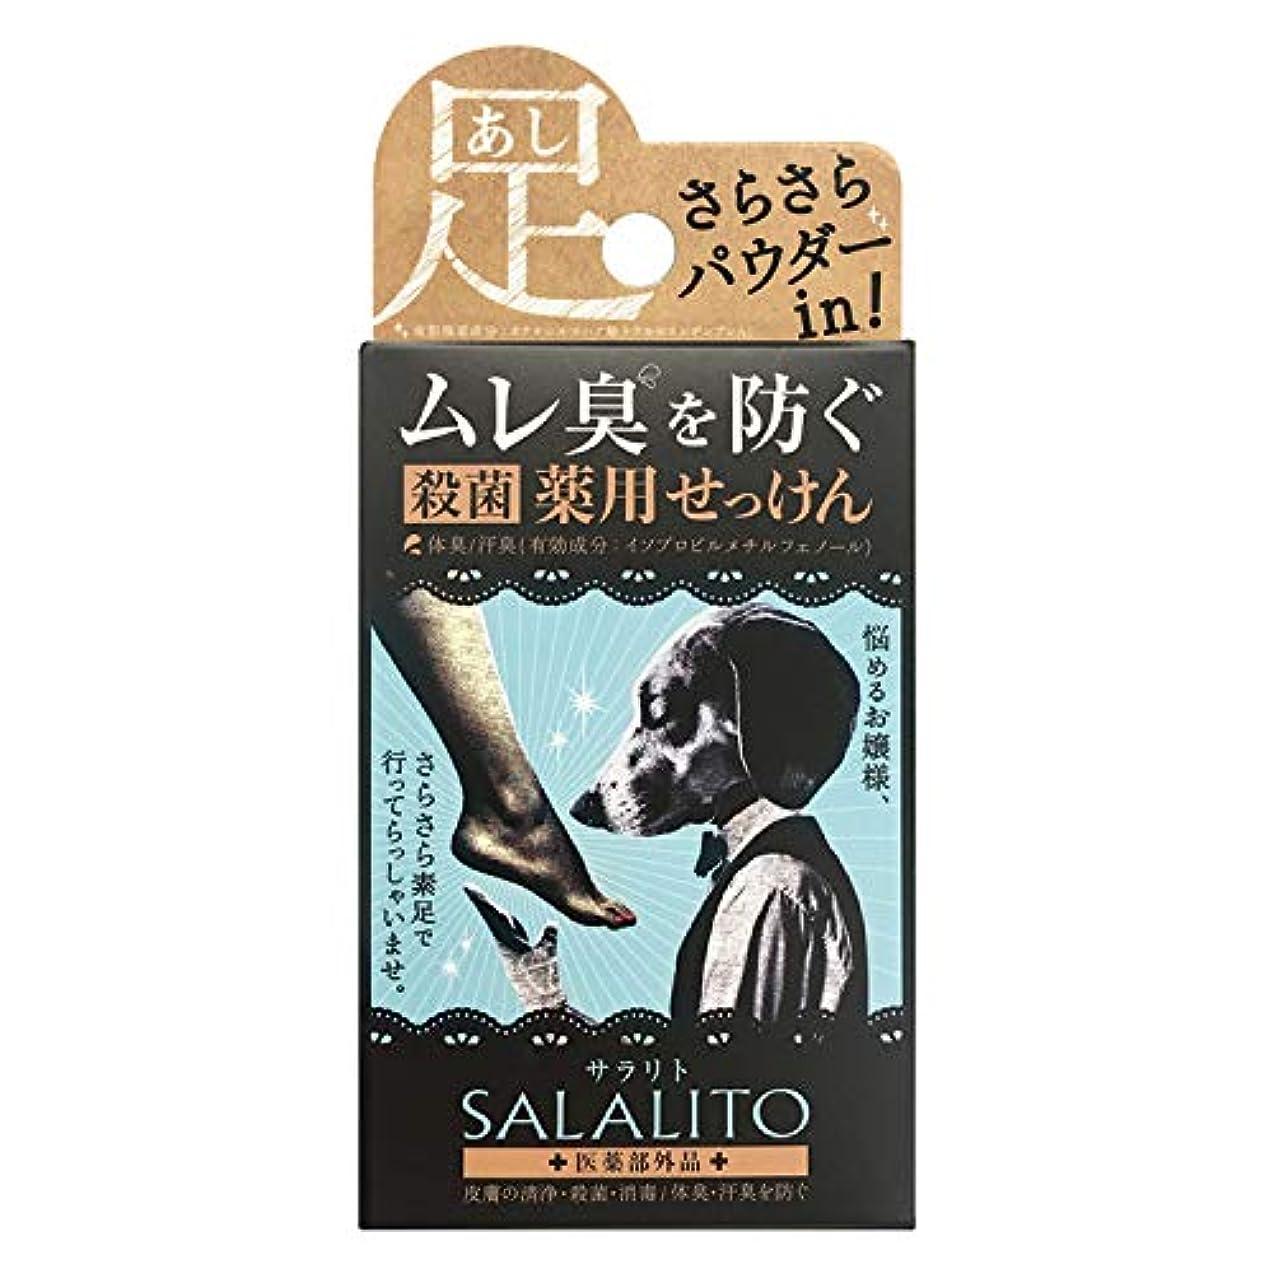 人気の完全に乾くチーフペリカン石鹸 薬用せっけん サラリト